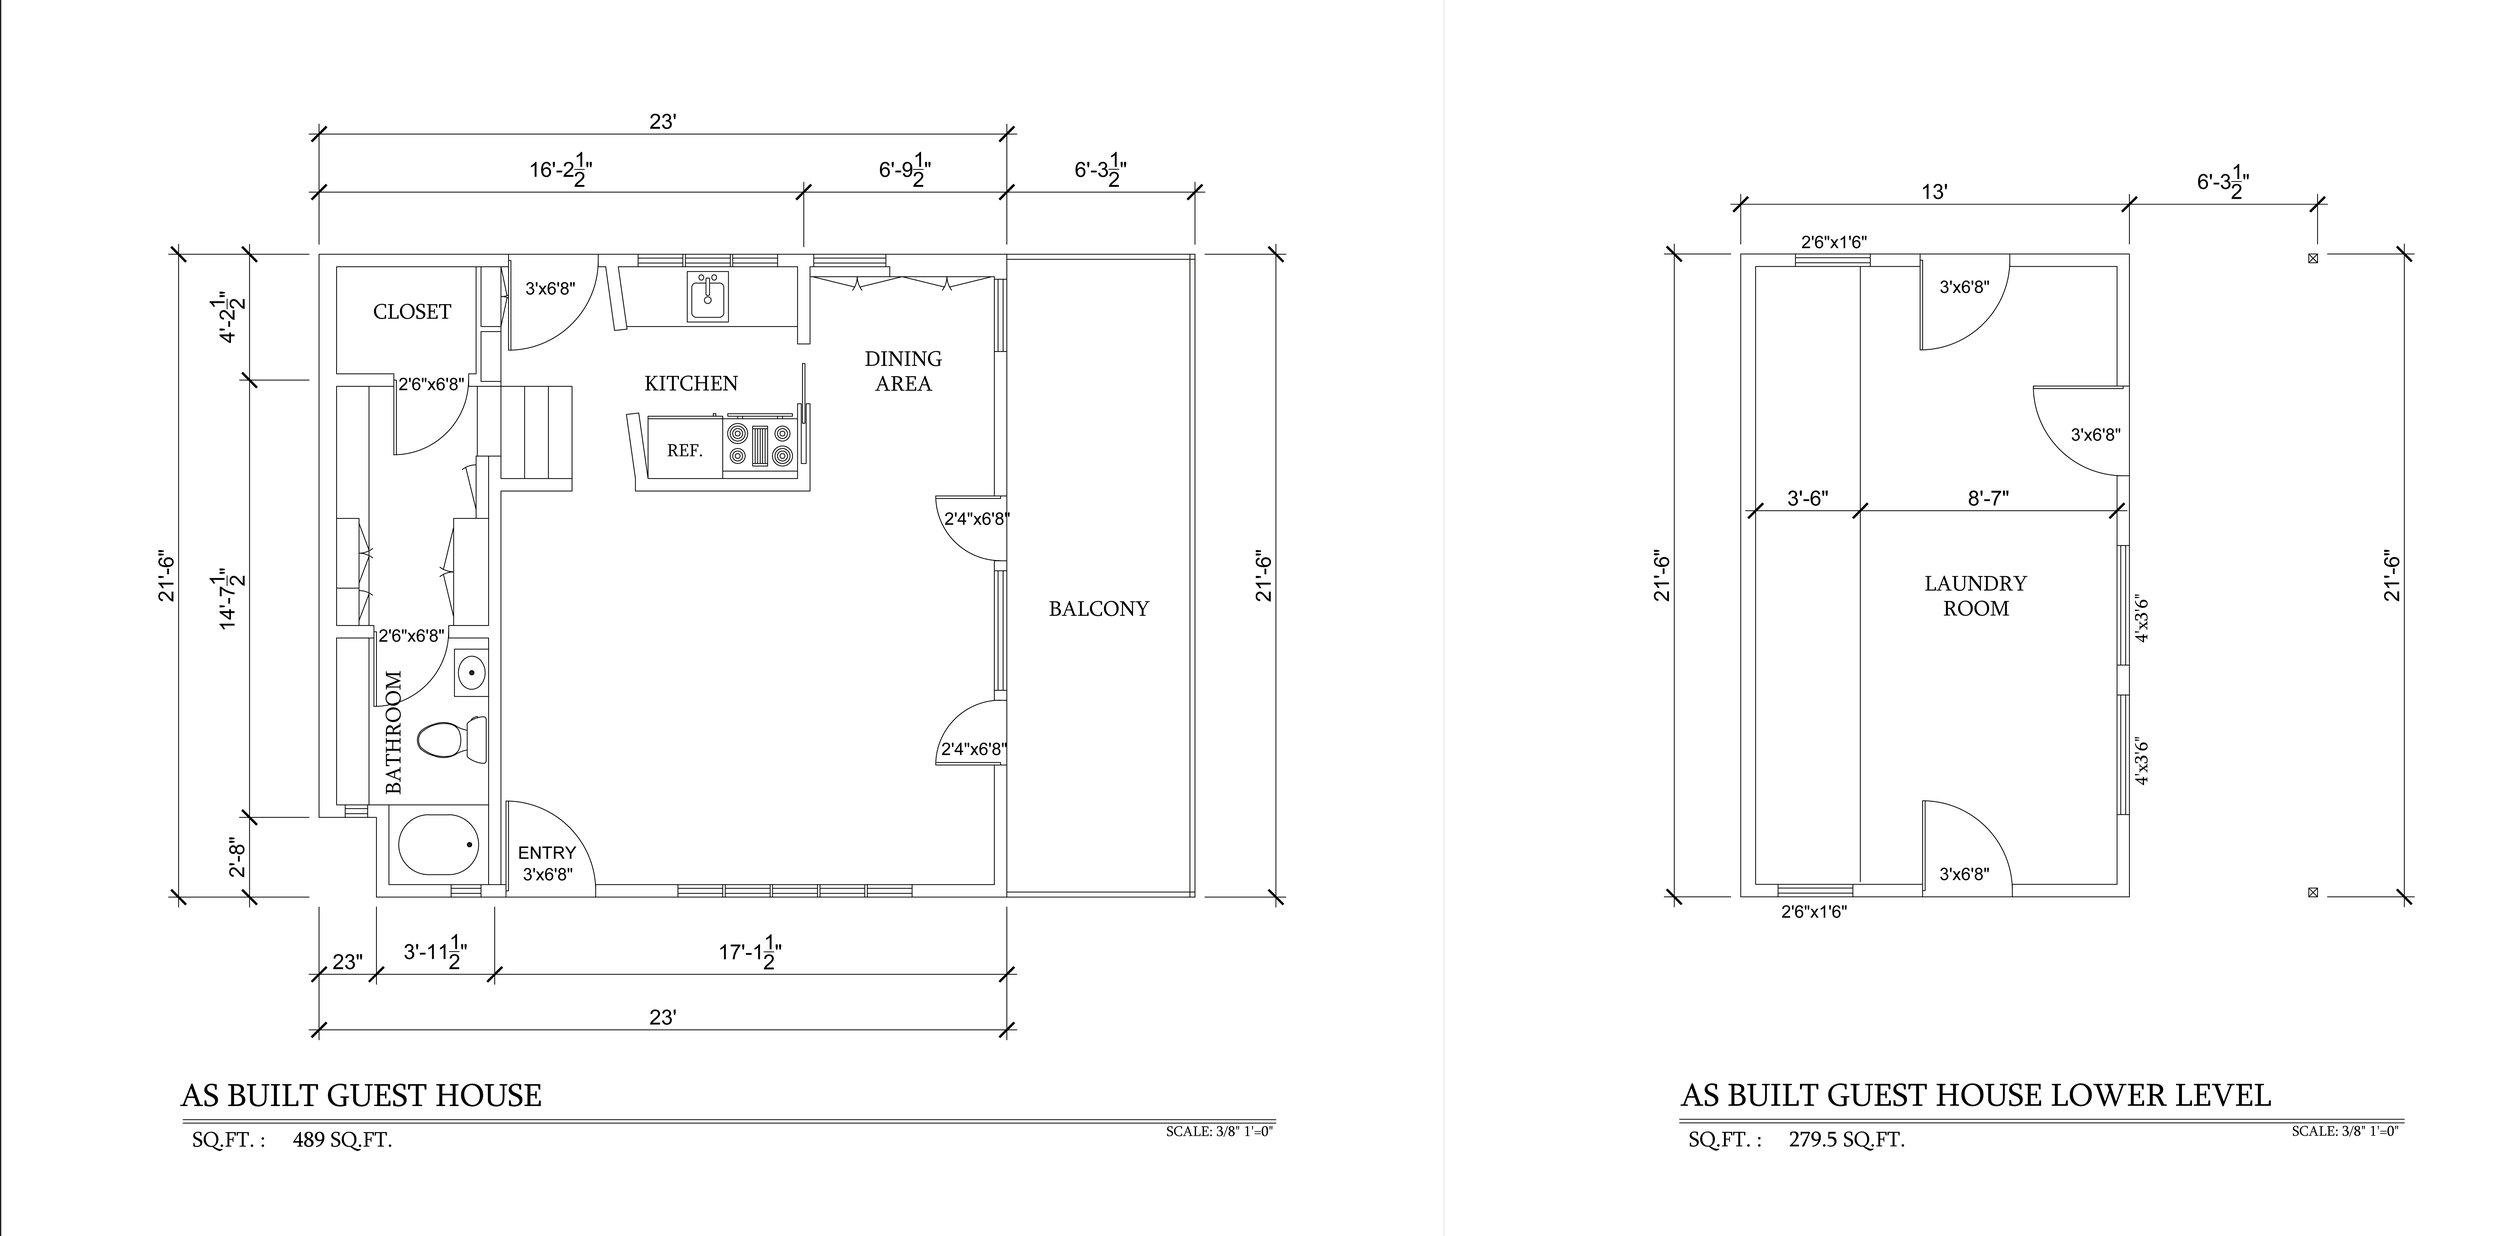 As Built Guest Room 3355 N copy.Knoll Dr 3-15-15.jpg